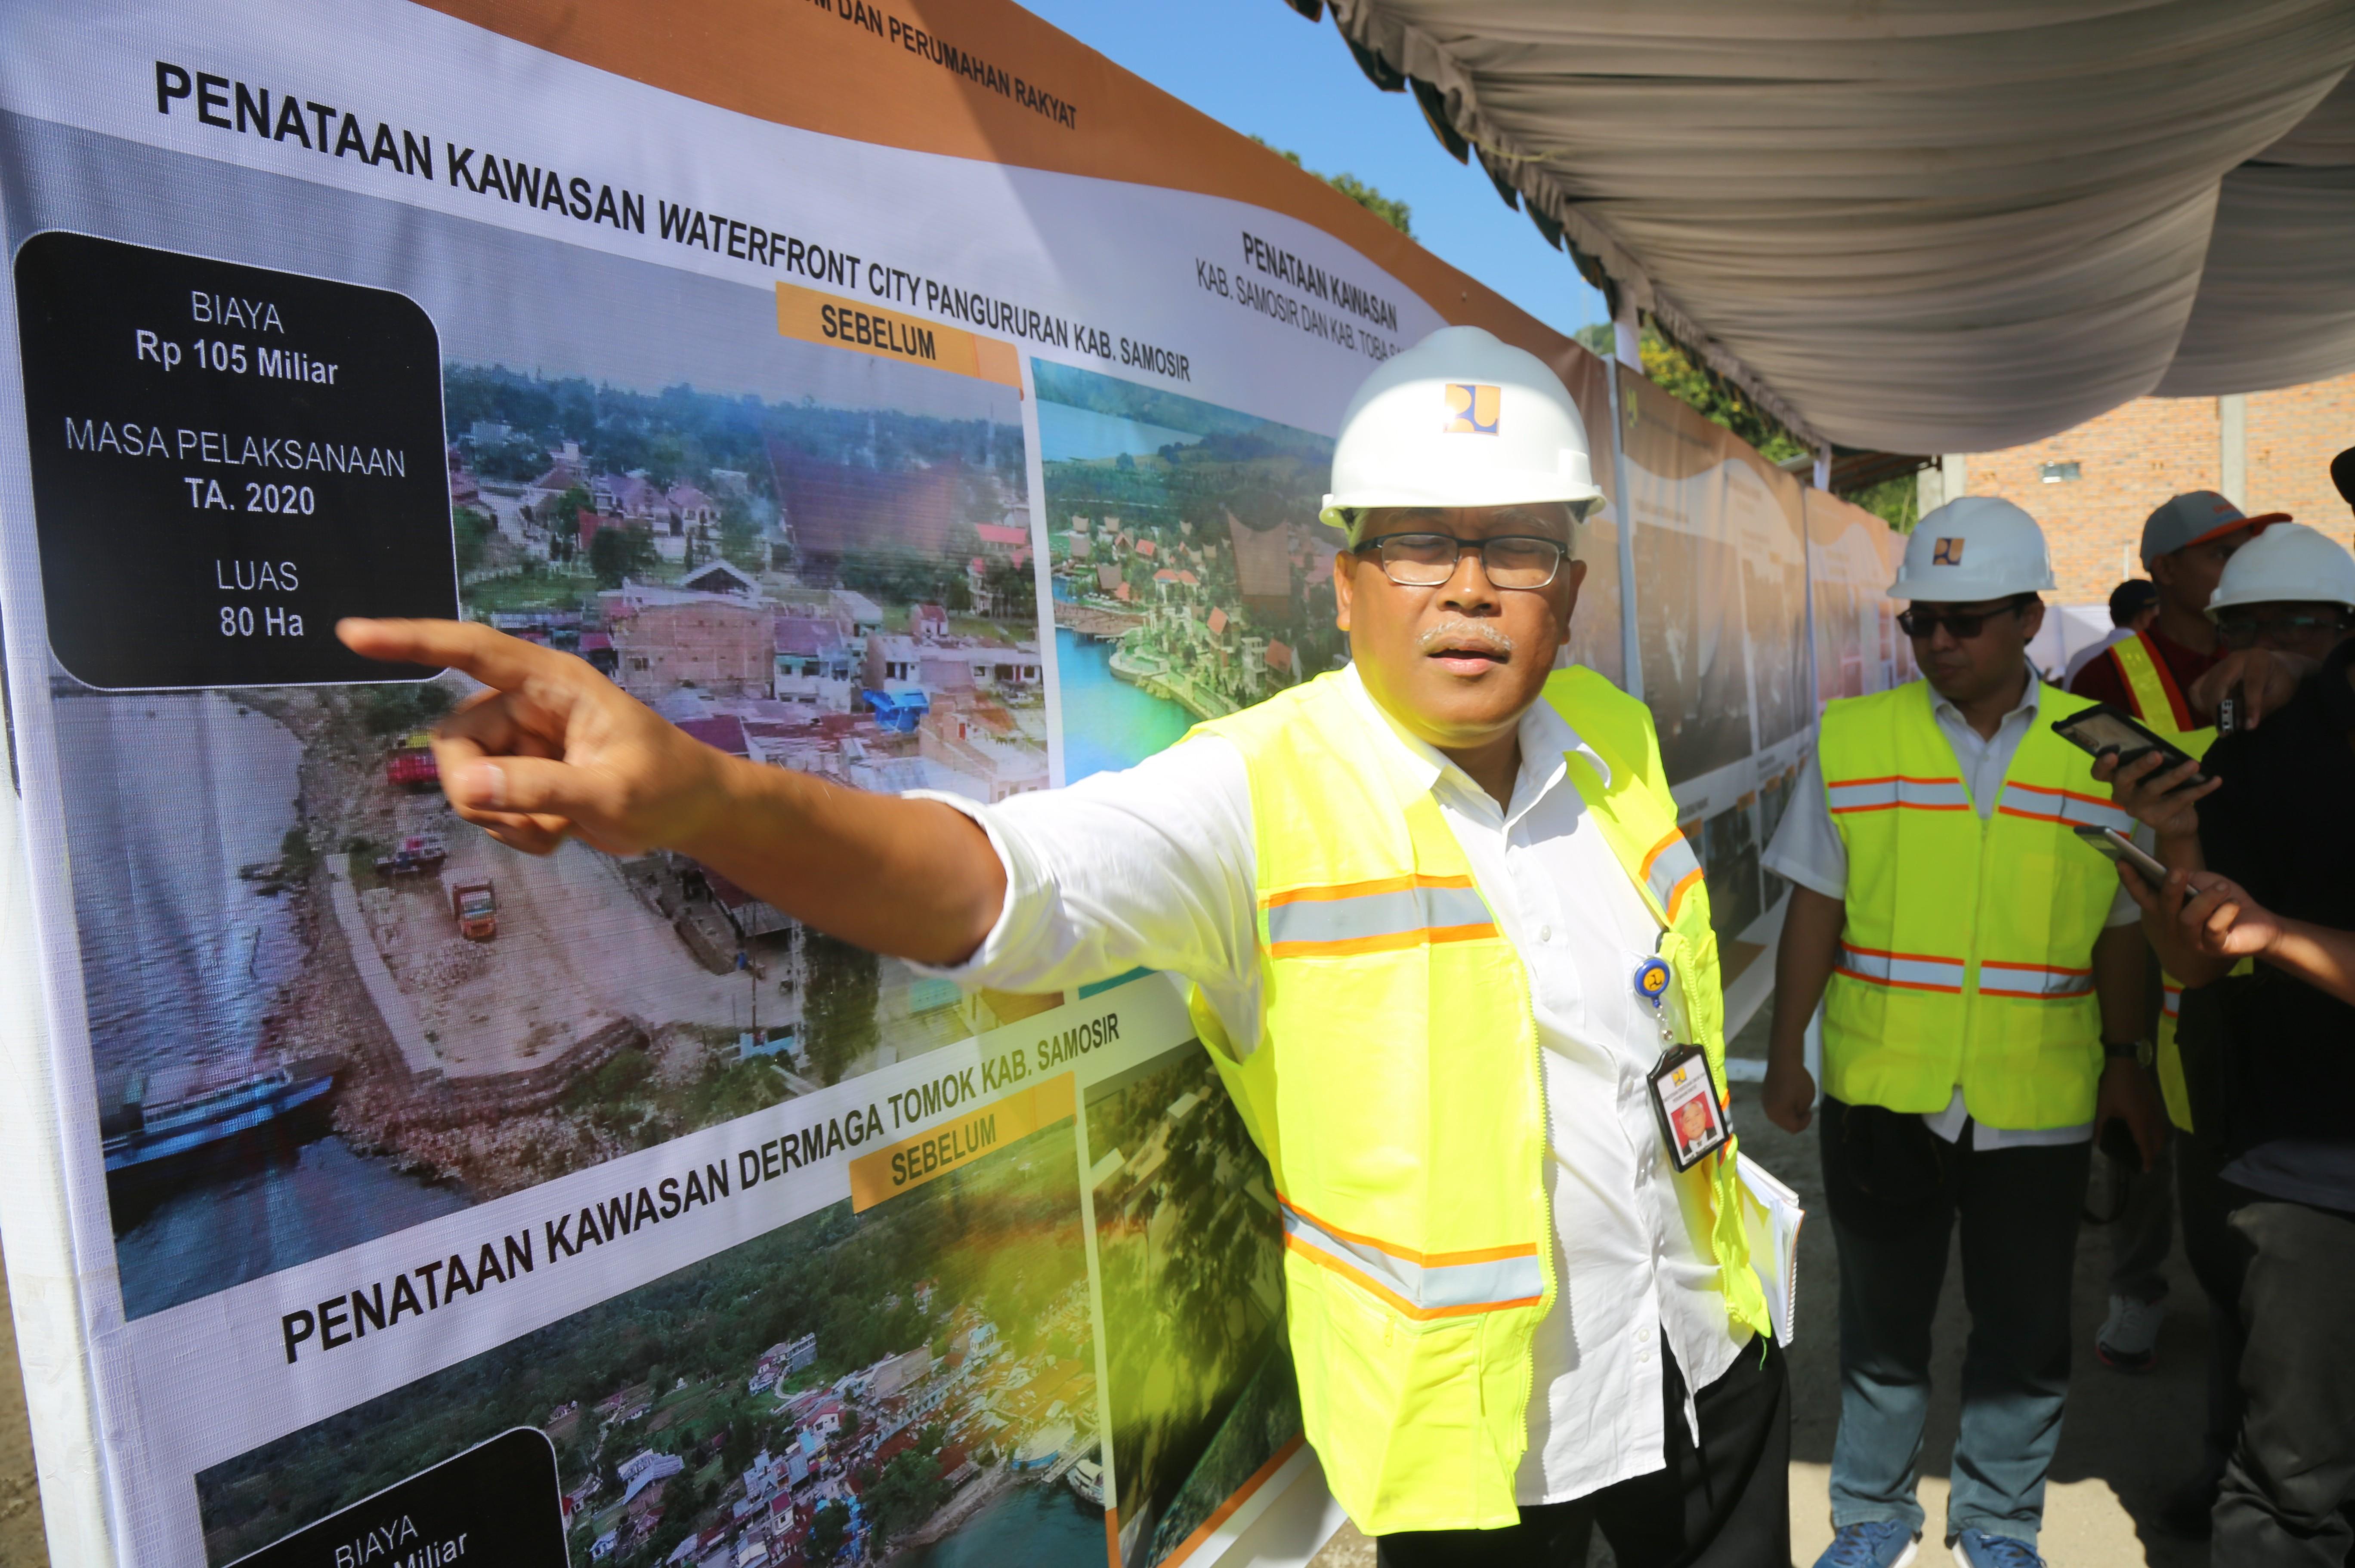 Pelebaran Alur Tano Ponggol Untuk Mendukung Peningkatan Kunjungan Wisatawan Mancanegara